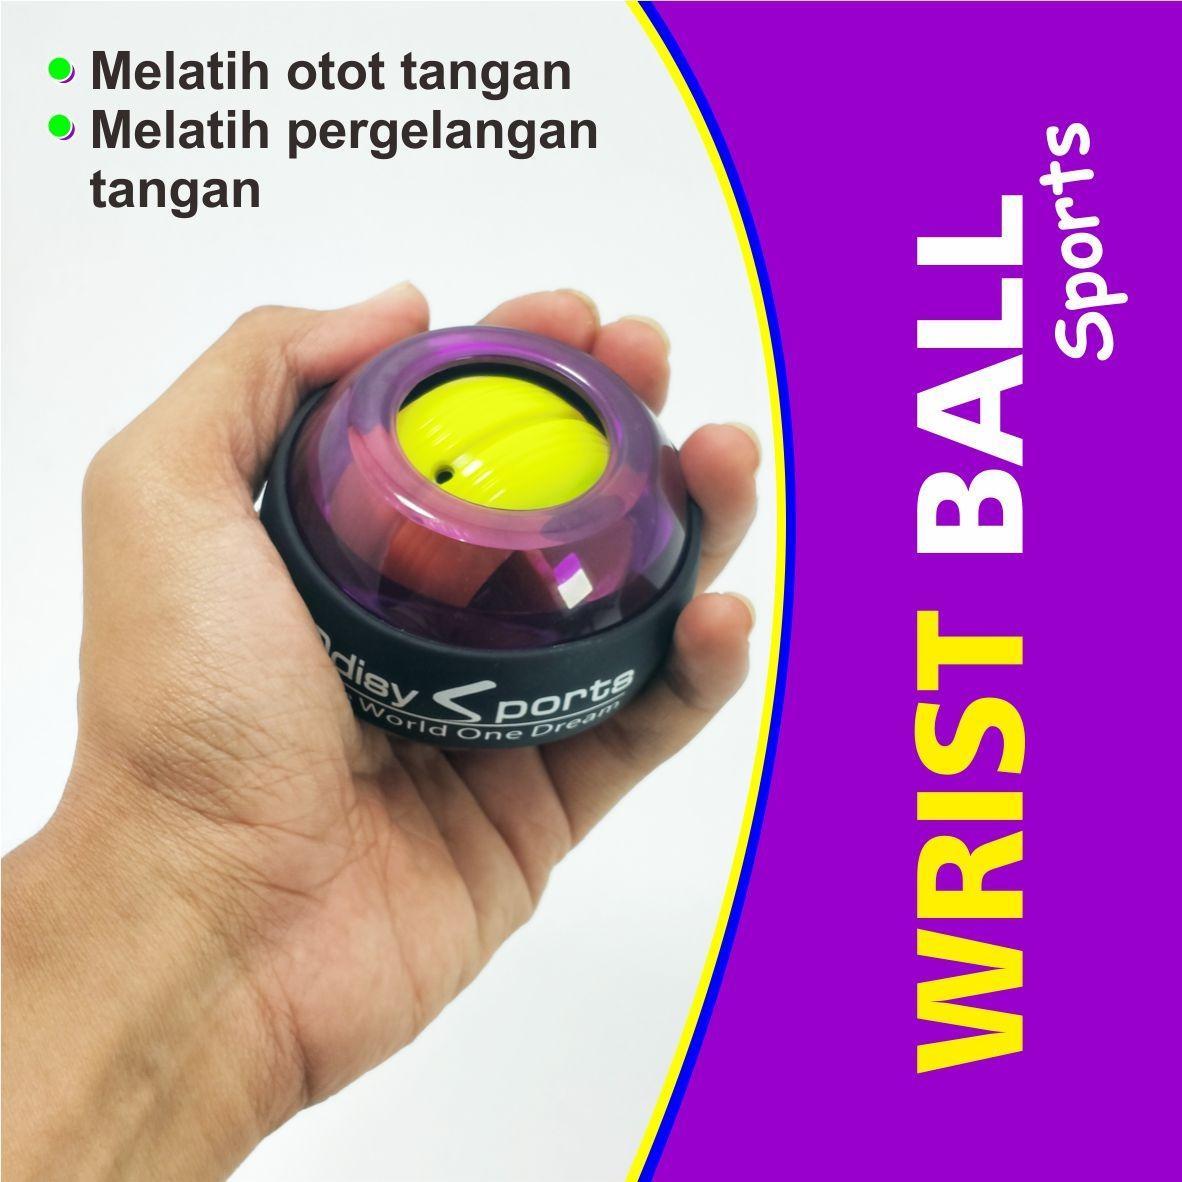 Cek Harga Baru Weitech Alat Latihan Kekuatan Tangan Wrist Ball Power Exerciser Melatih Pergelangan 5